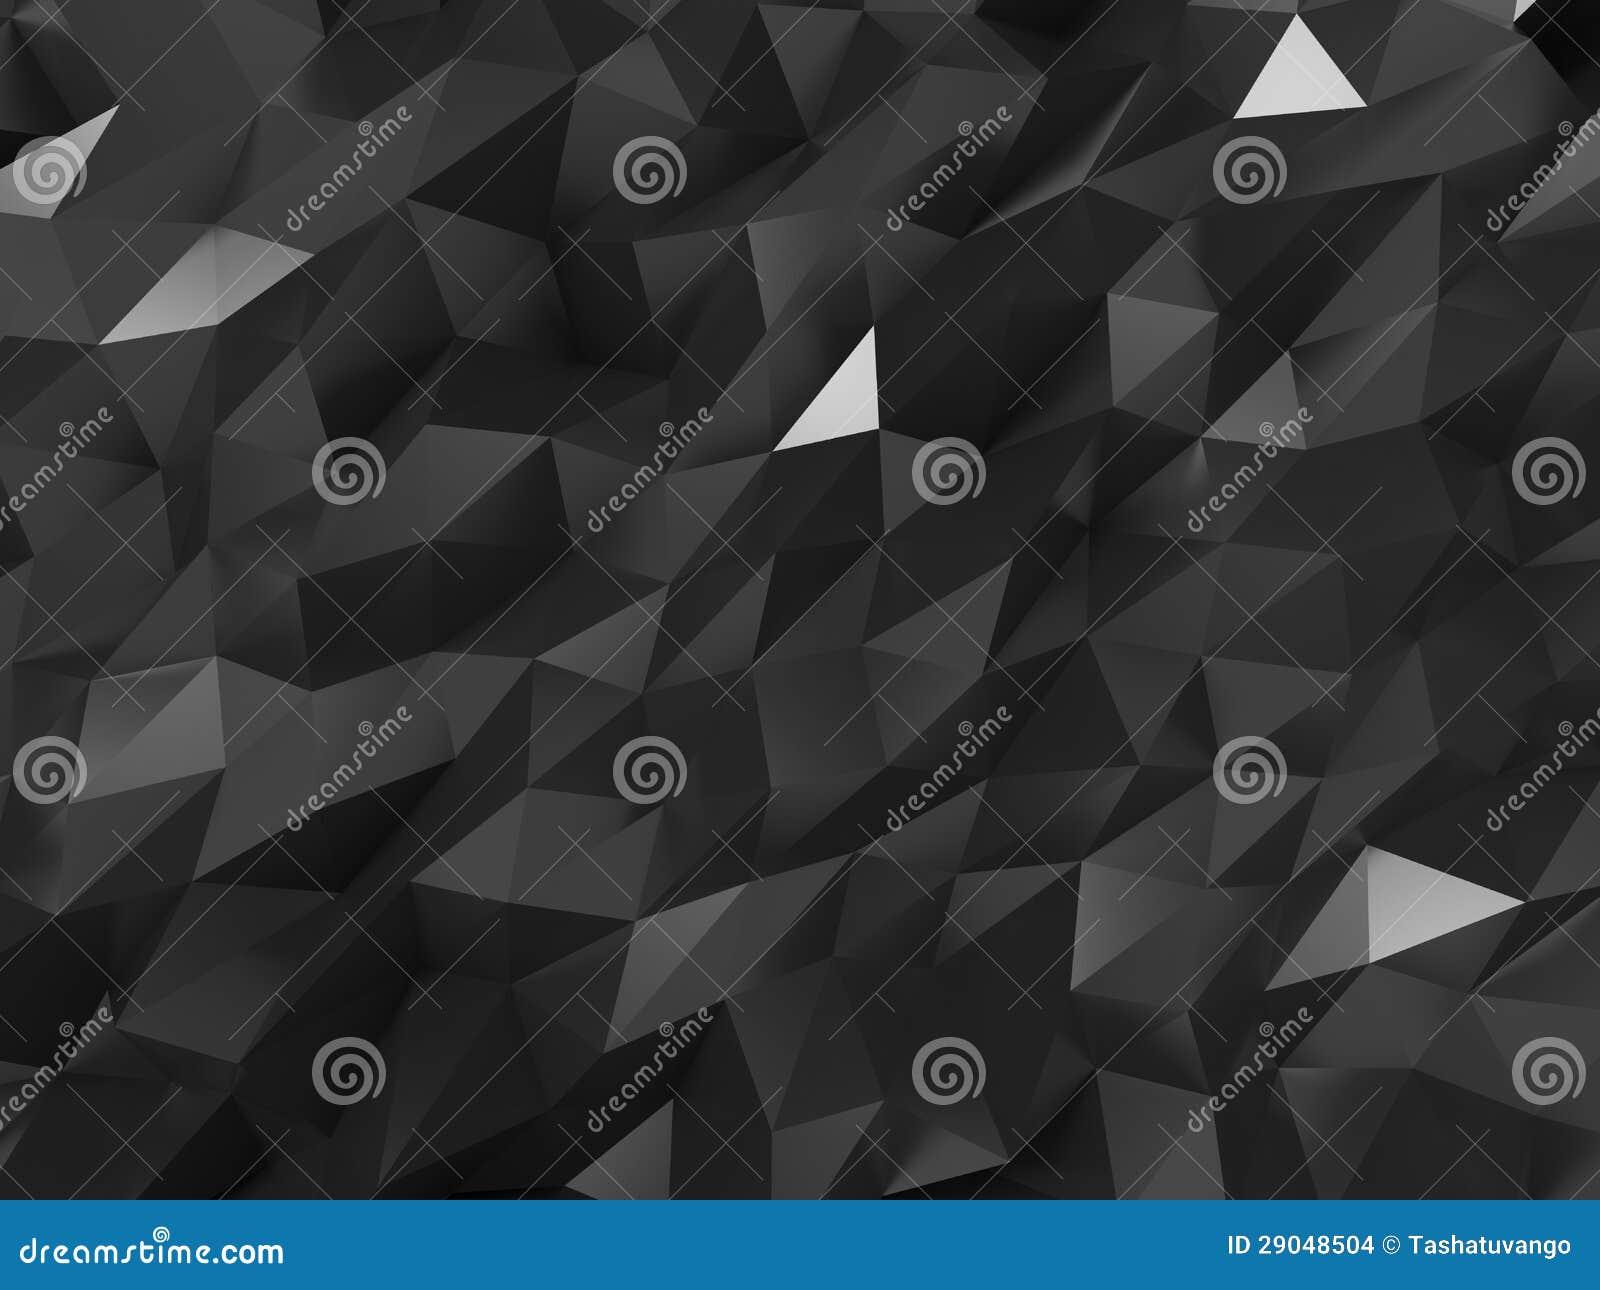 Antecedentes Abstractos De Estructura Cristalina Stock De